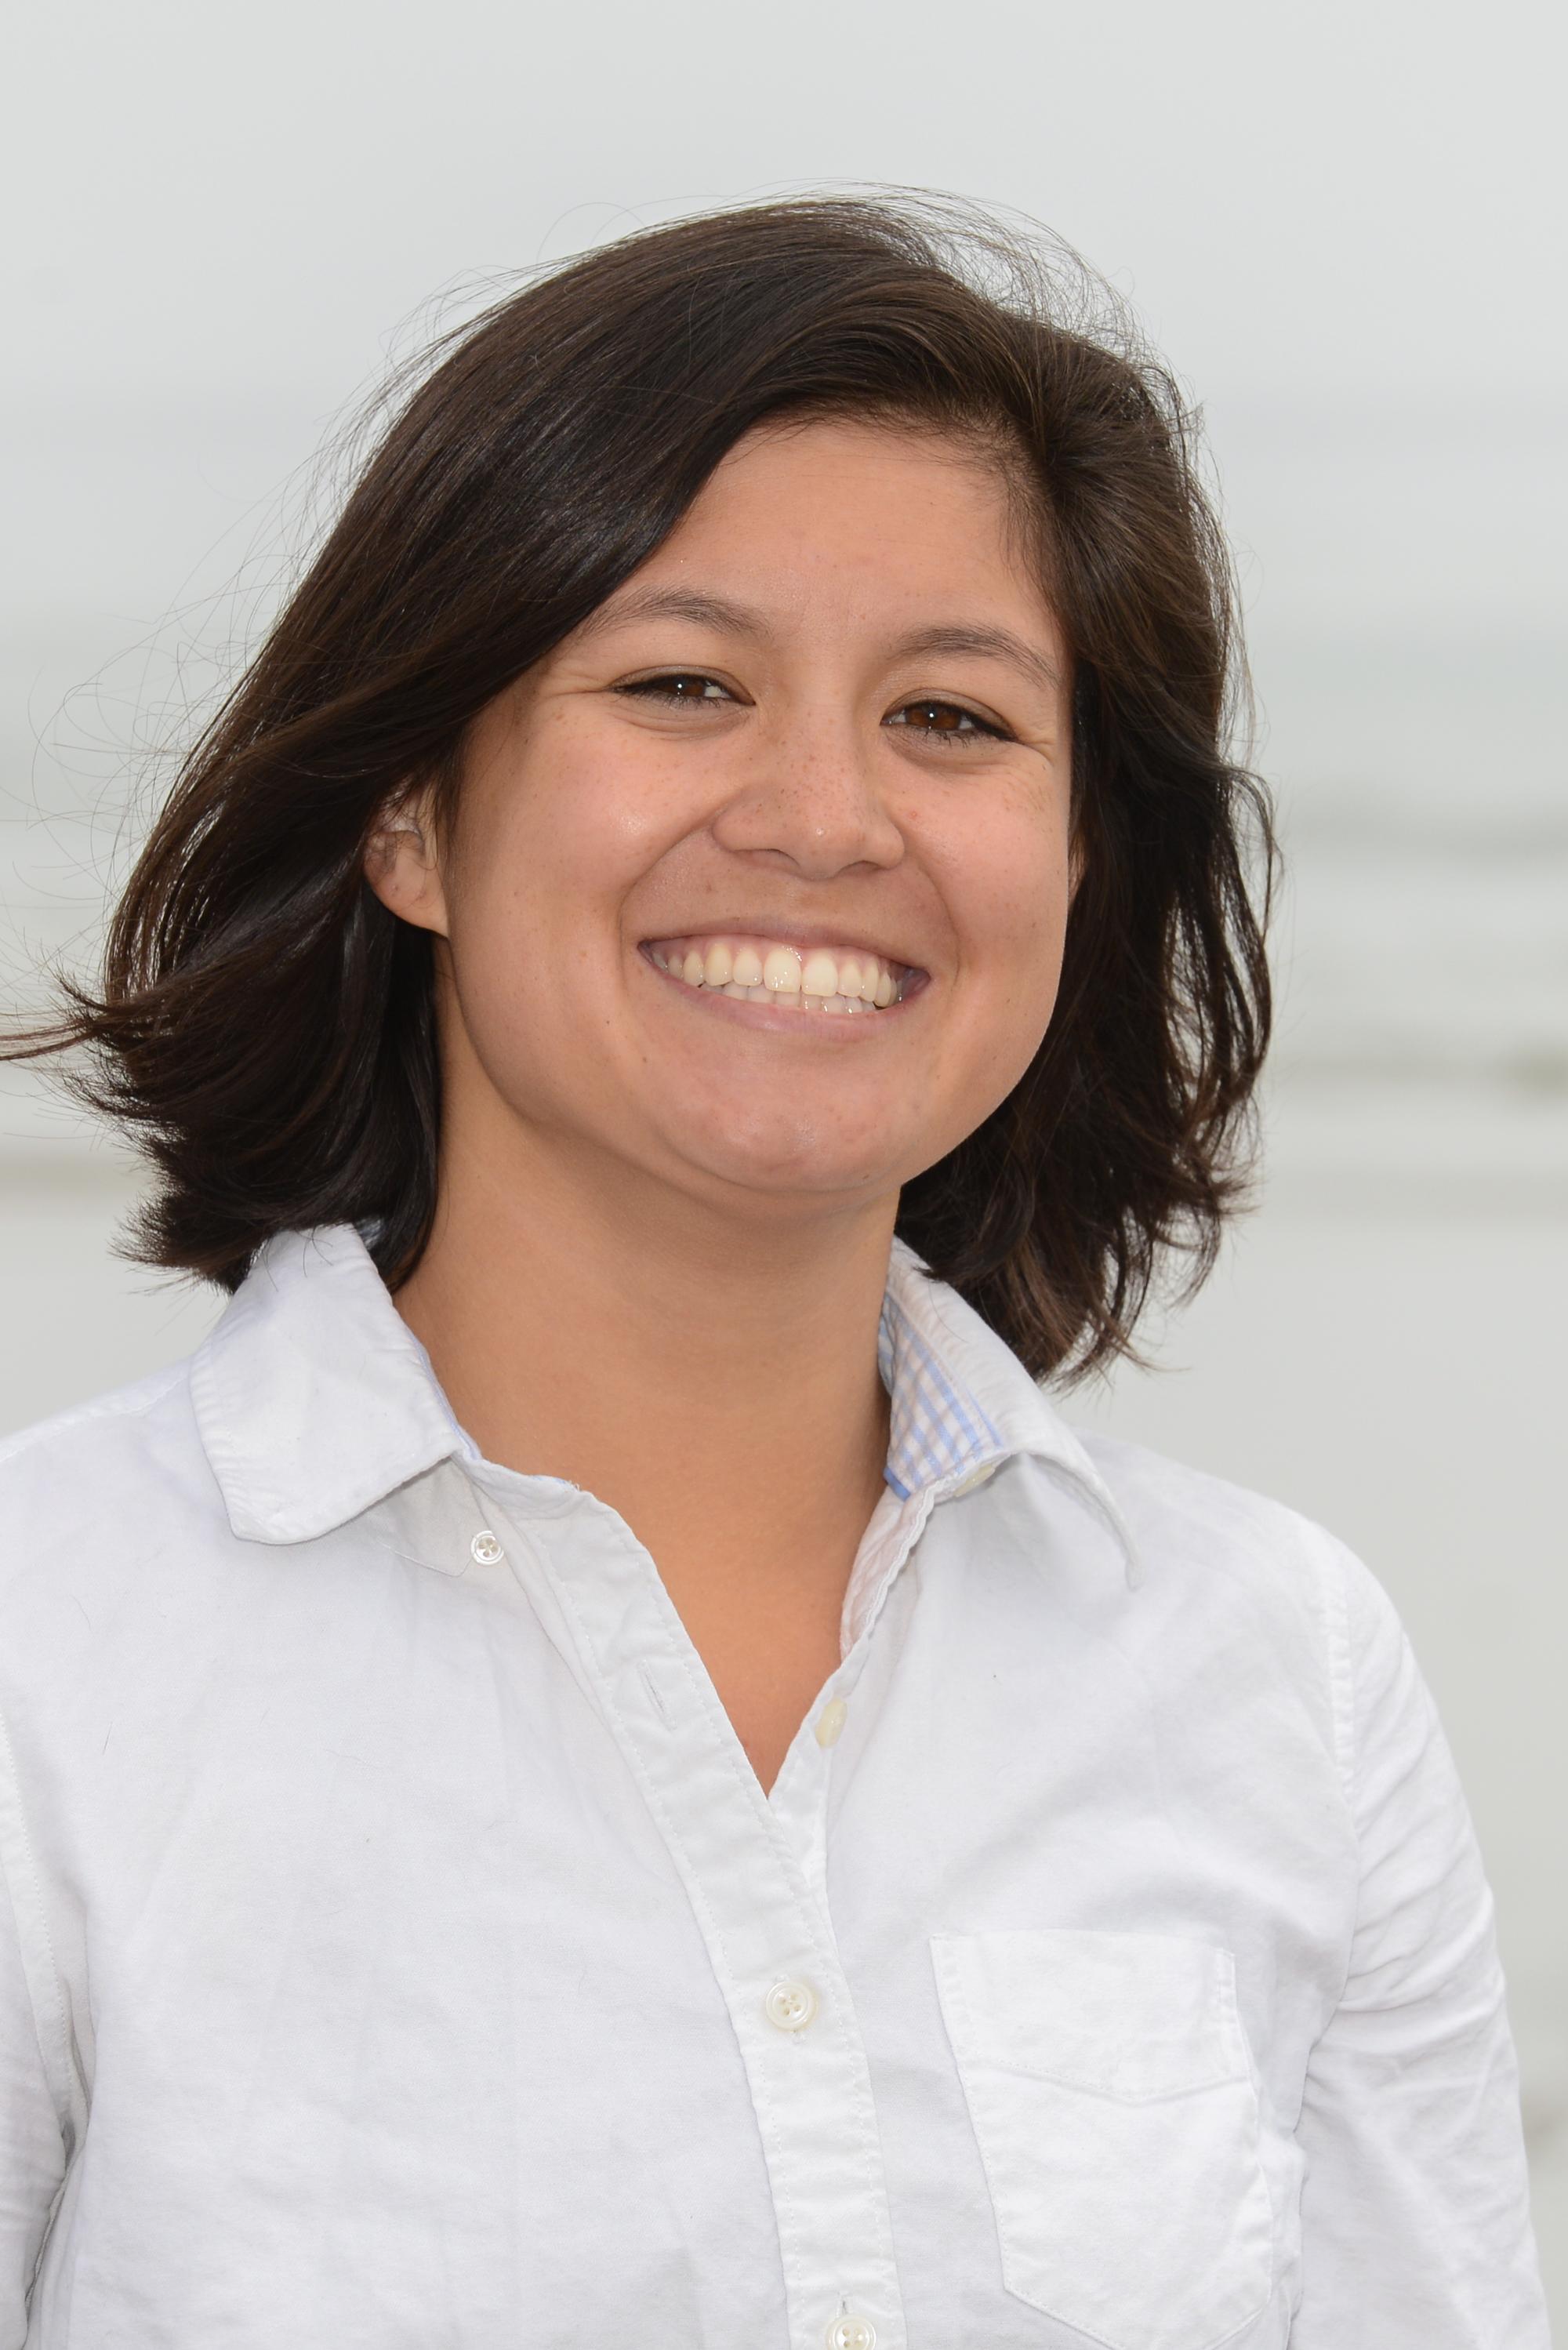 Maddie Garcia